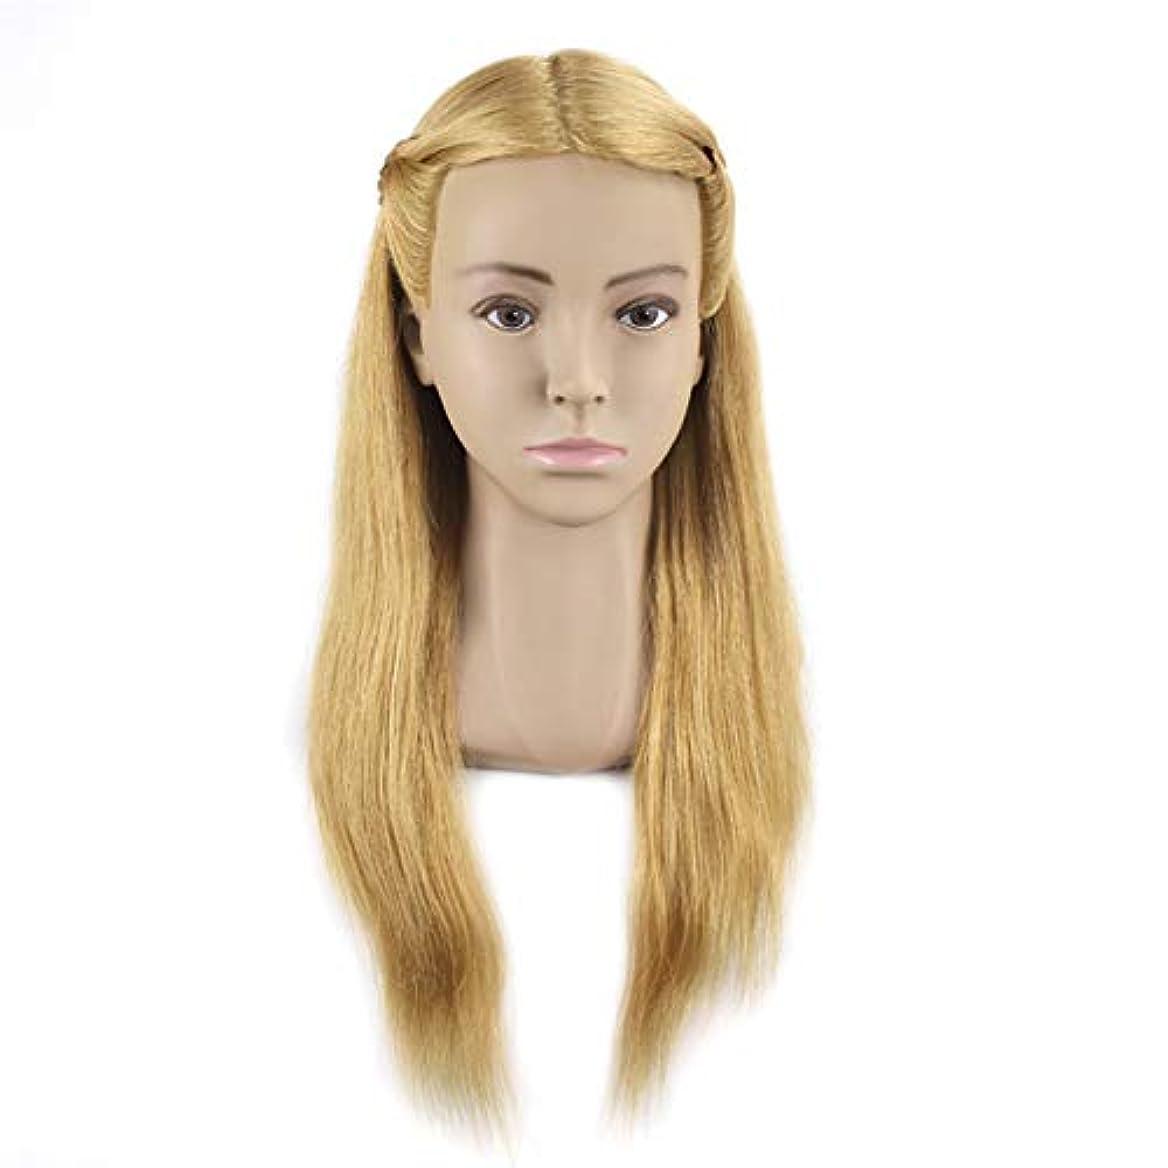 バッフルベットスペース完全な人毛ヘアスタイリングモデルヘッド女性モデルヘッドティーチングヘッド理髪店編組髪染め学習ダミーヘッド